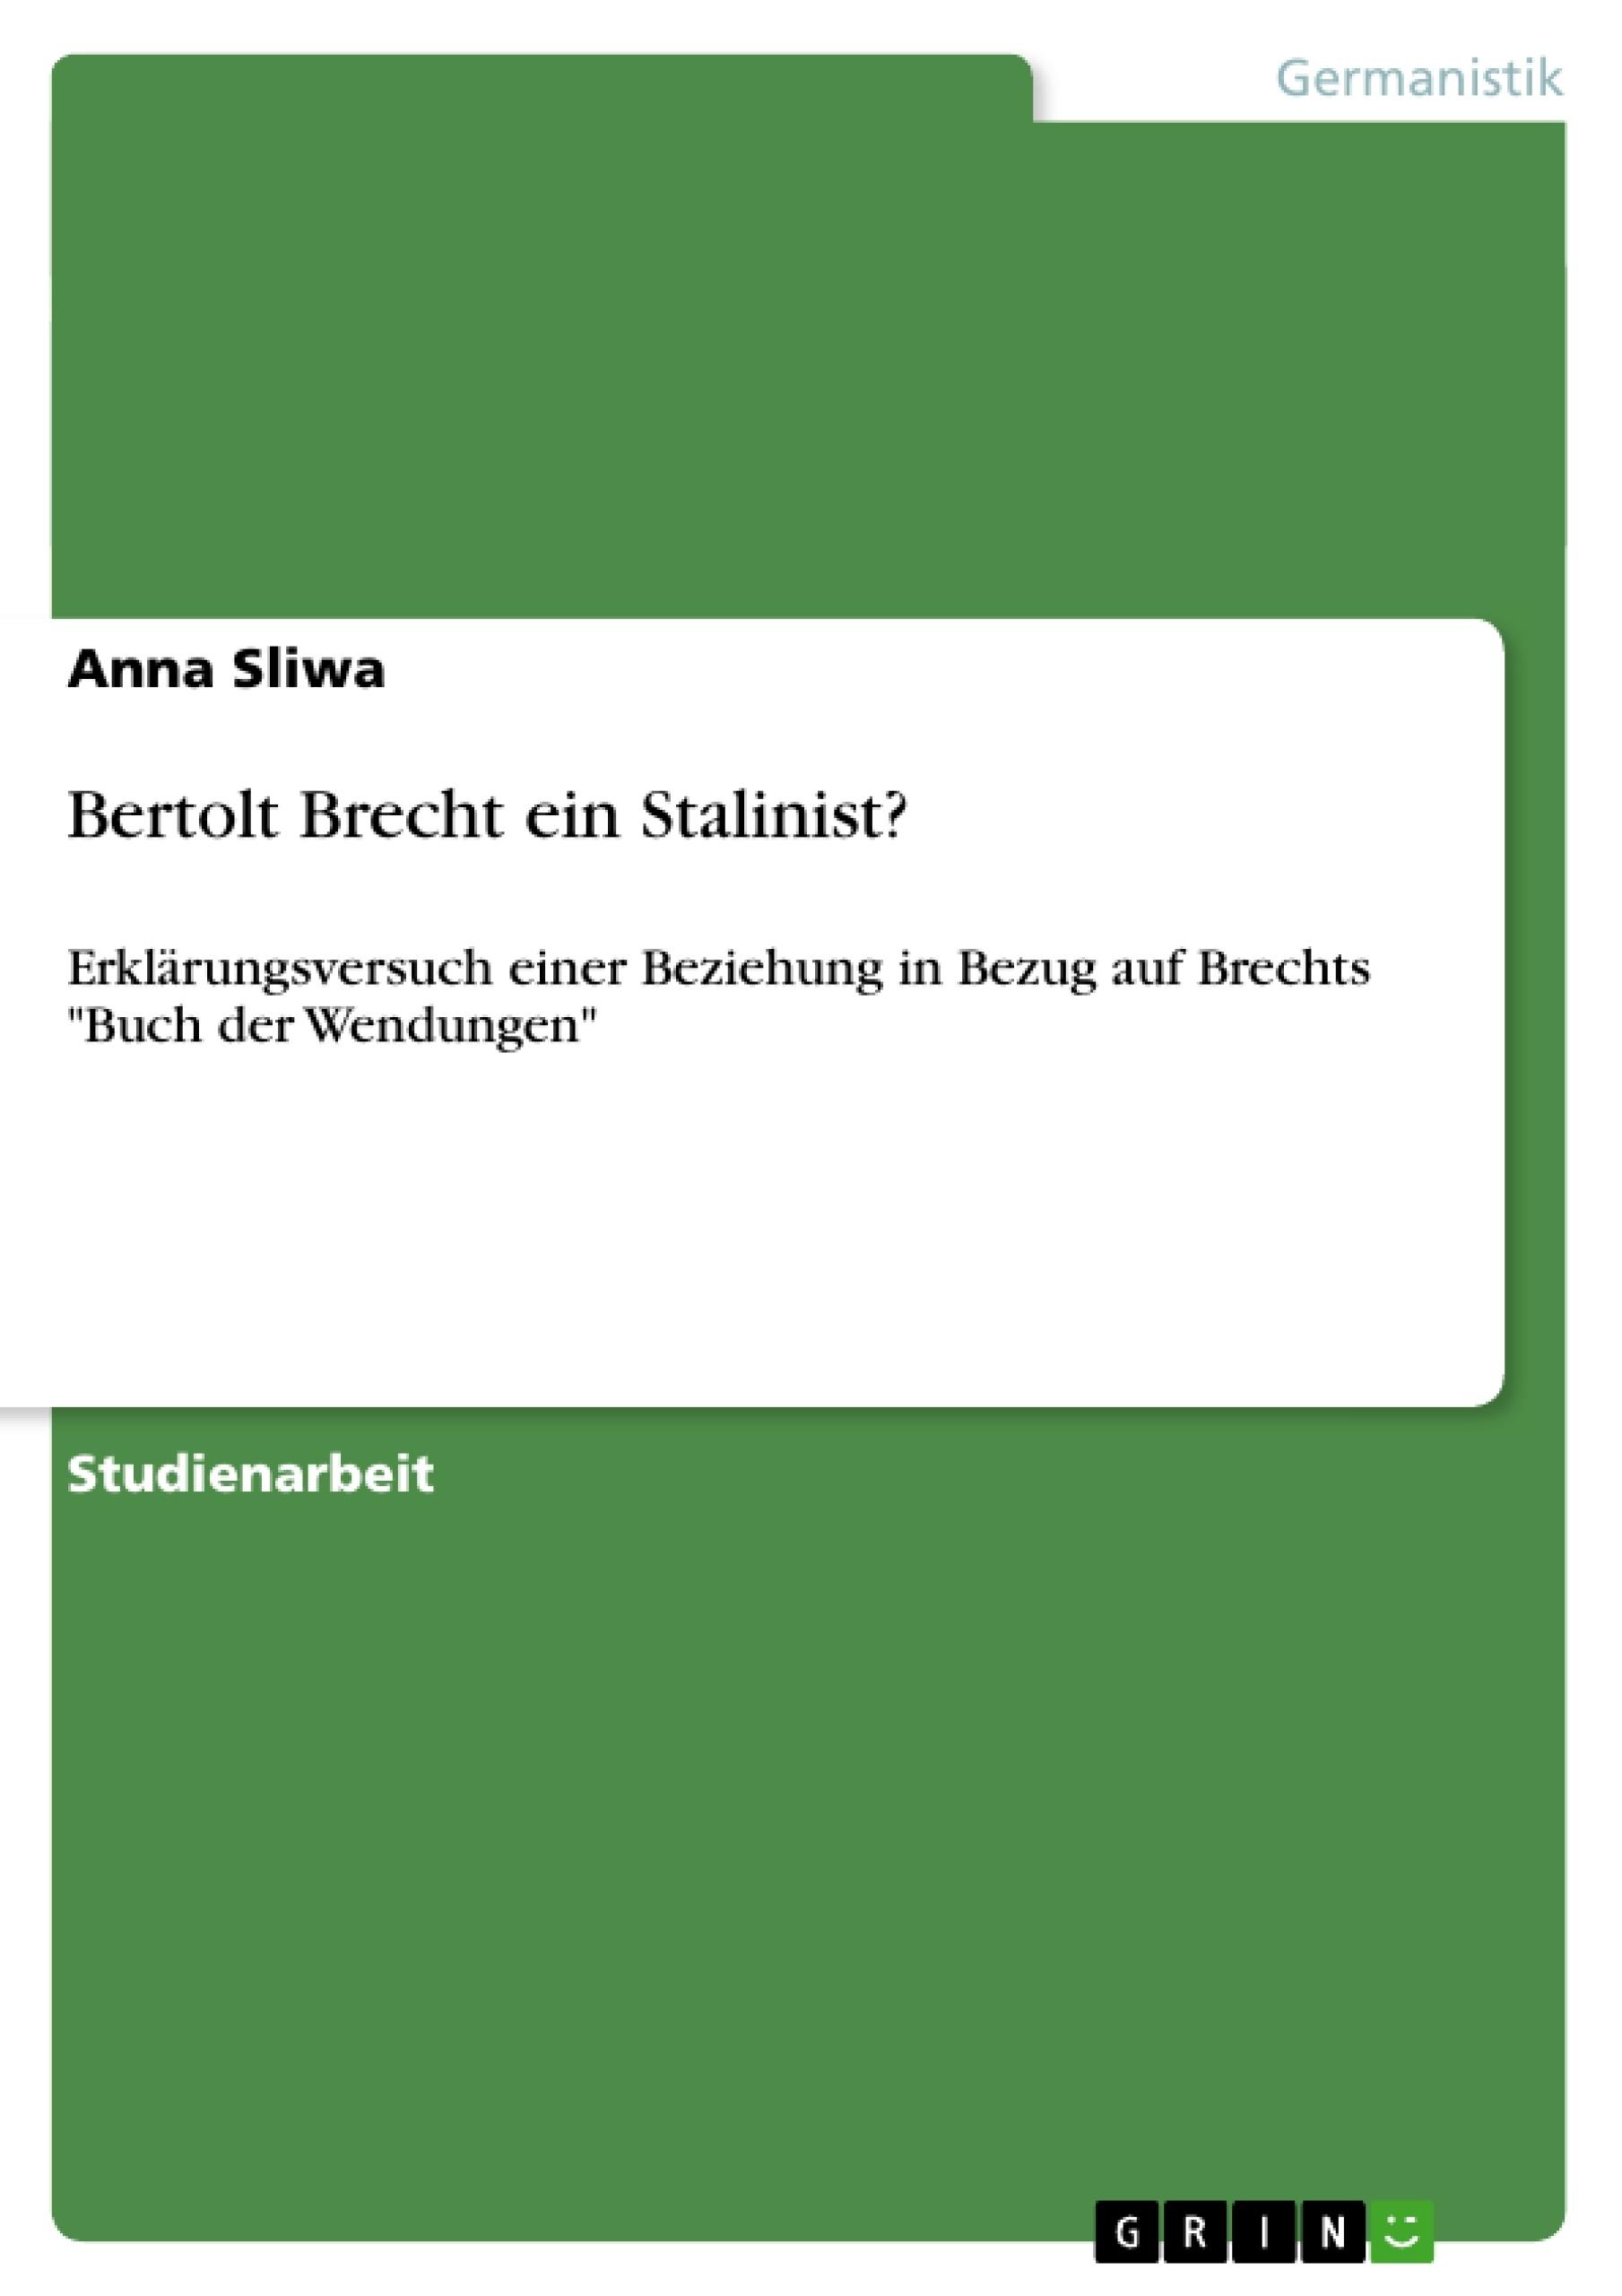 Brecht gedicht stalin